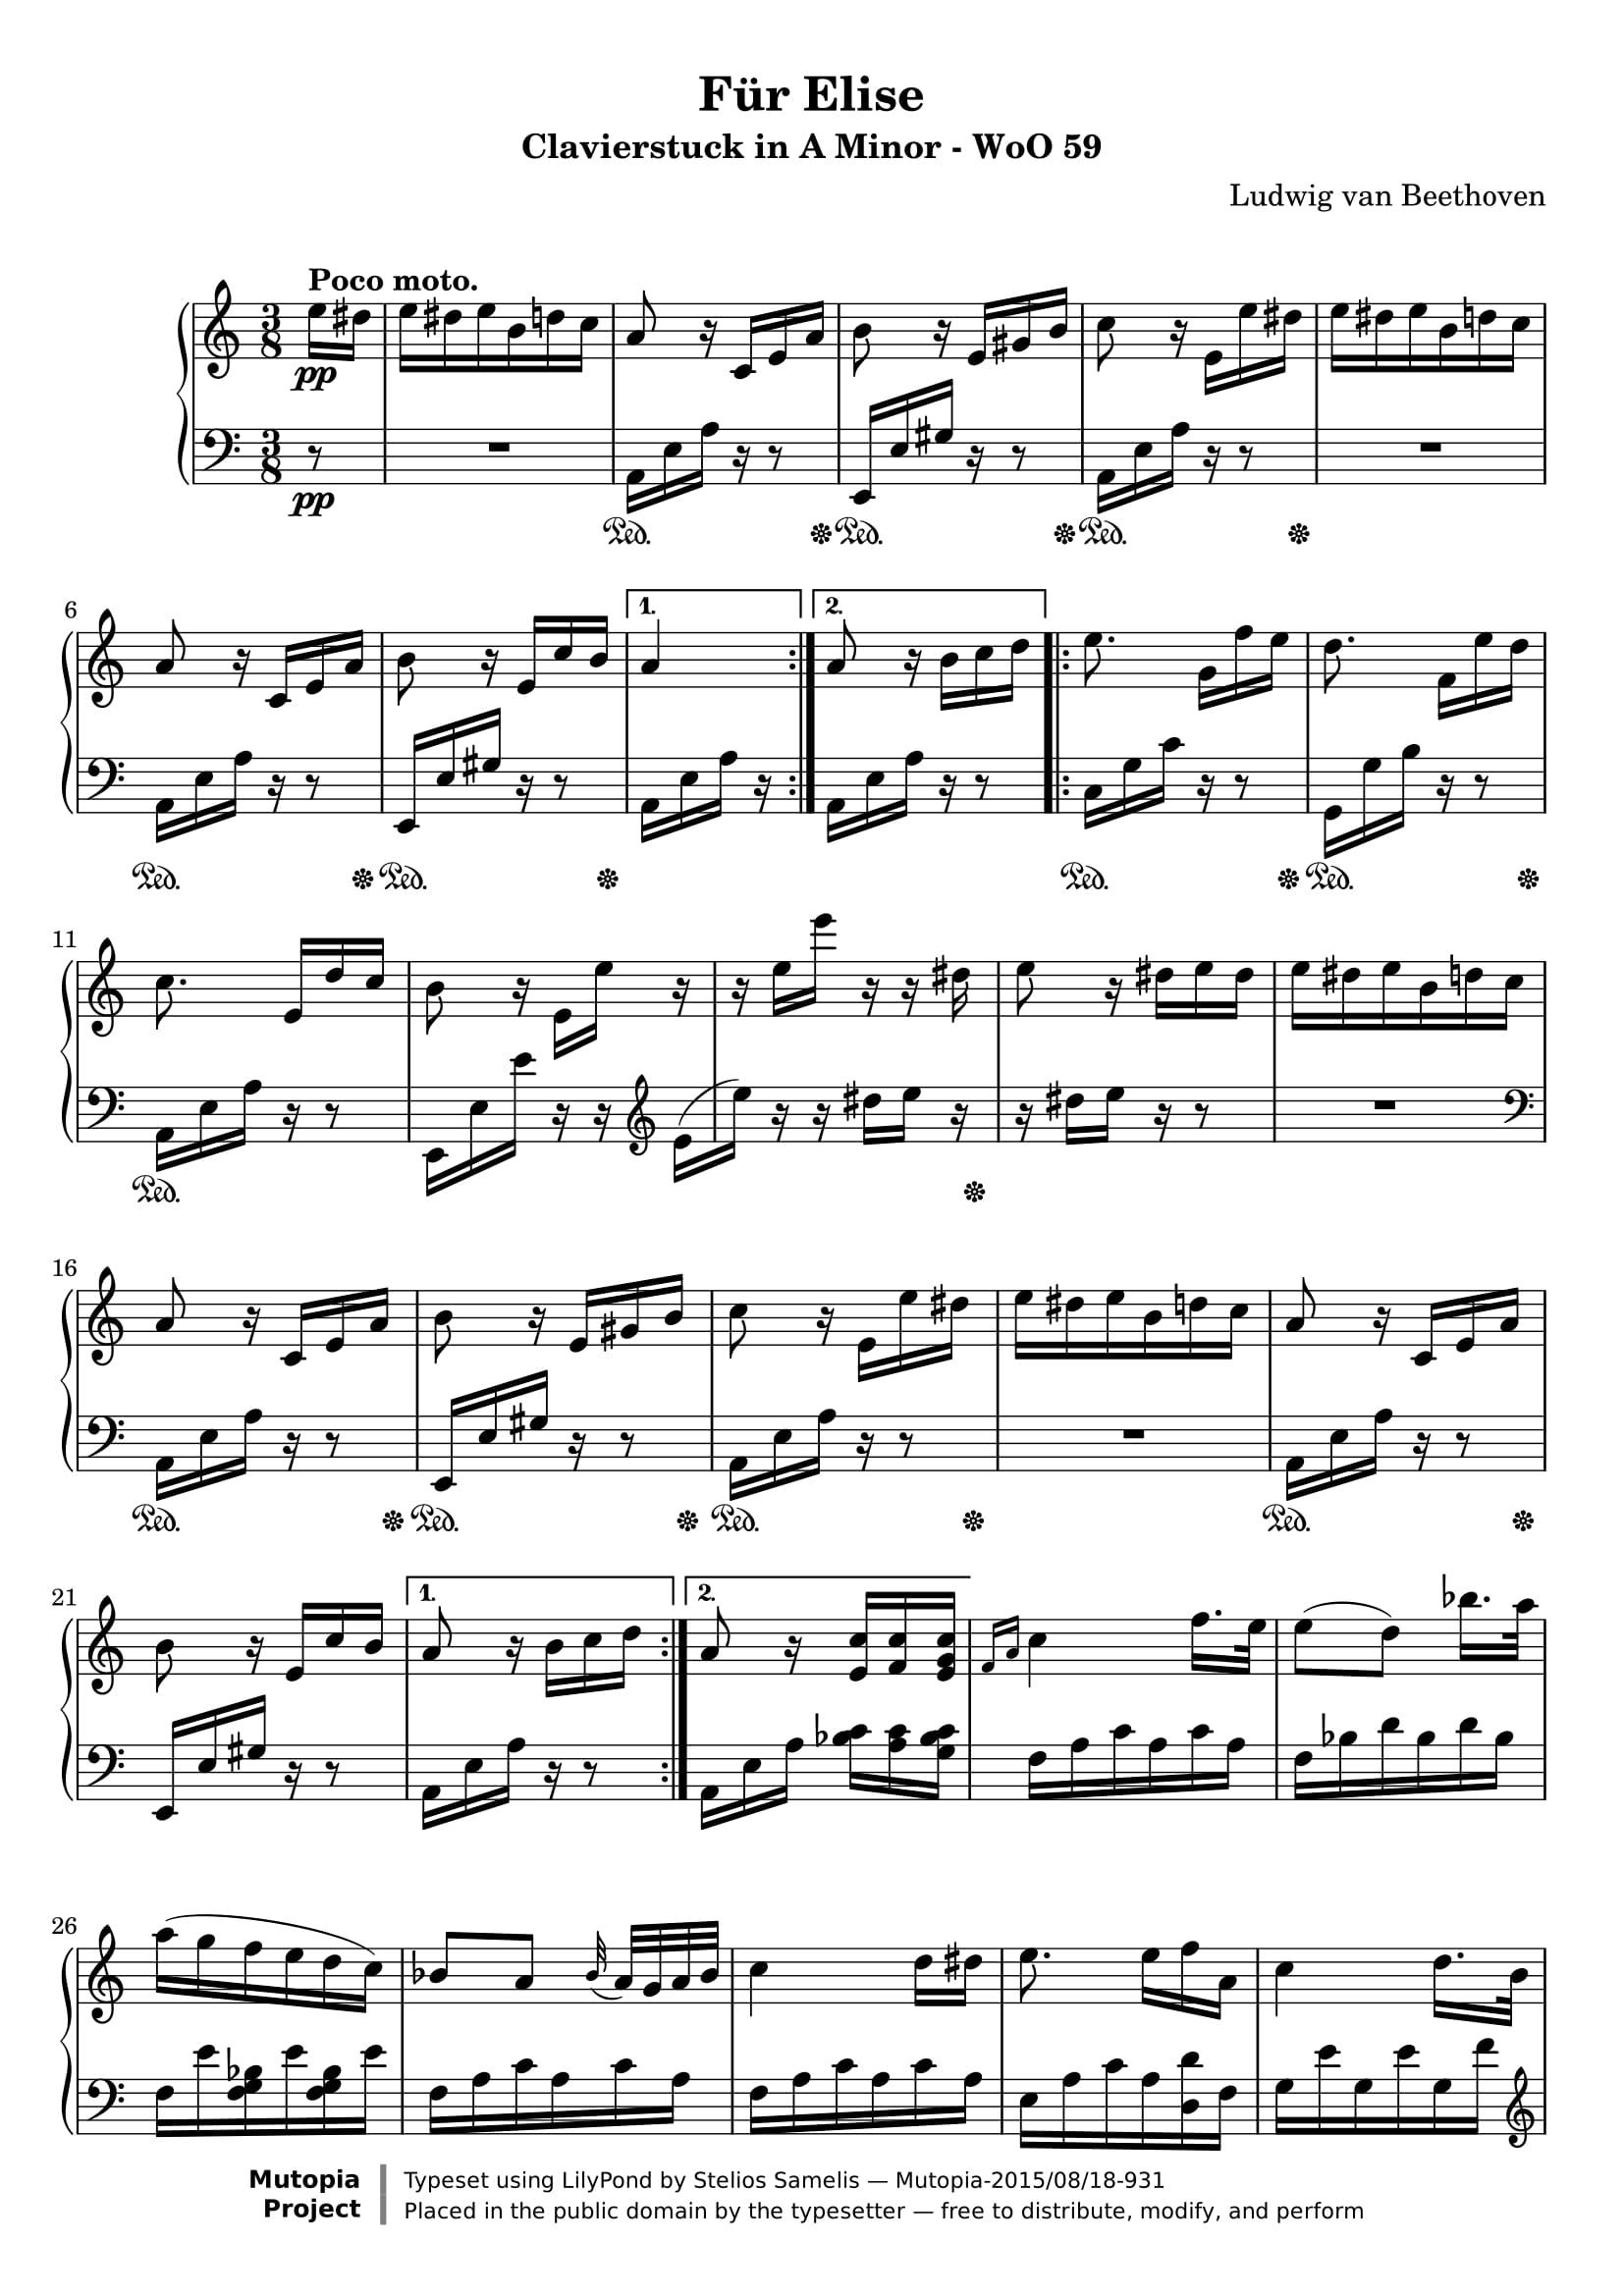 楽譜 ため に エリーゼ の